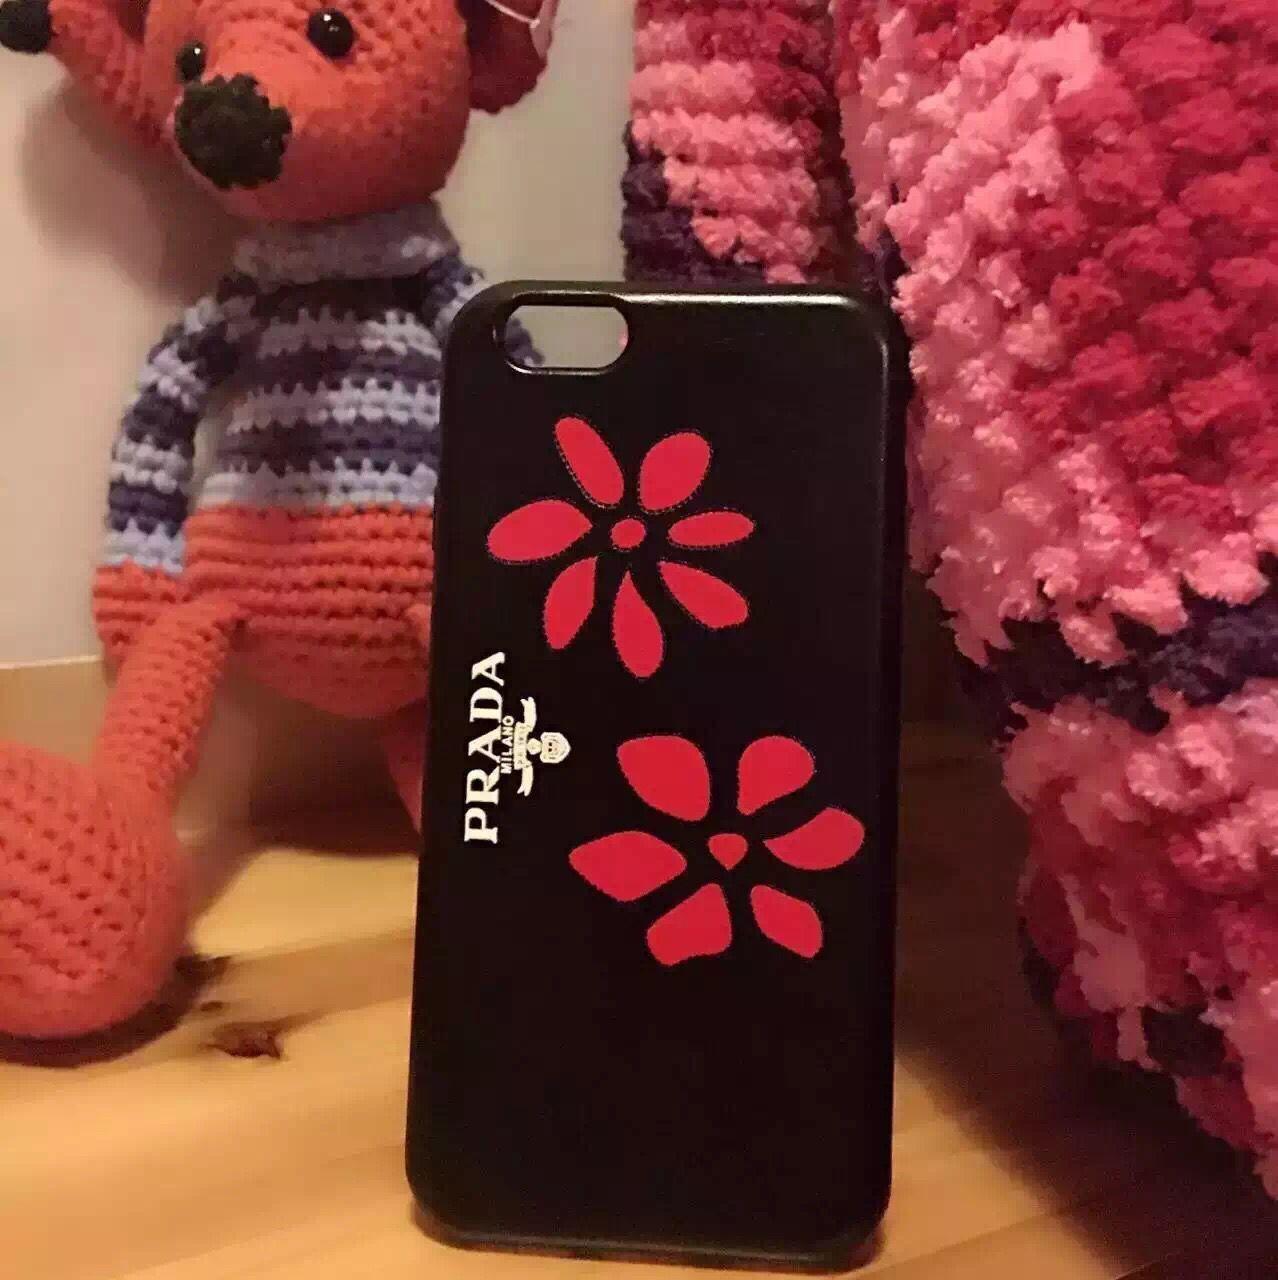 iphone7 7 plus ケース プラダ 新作 人気の可愛いアイフォンケース prada 財布型などいろいろ リアーナ愛用 モバイルデザイン お洒落に差をつける ケース 7plus ケース 携帯カバー